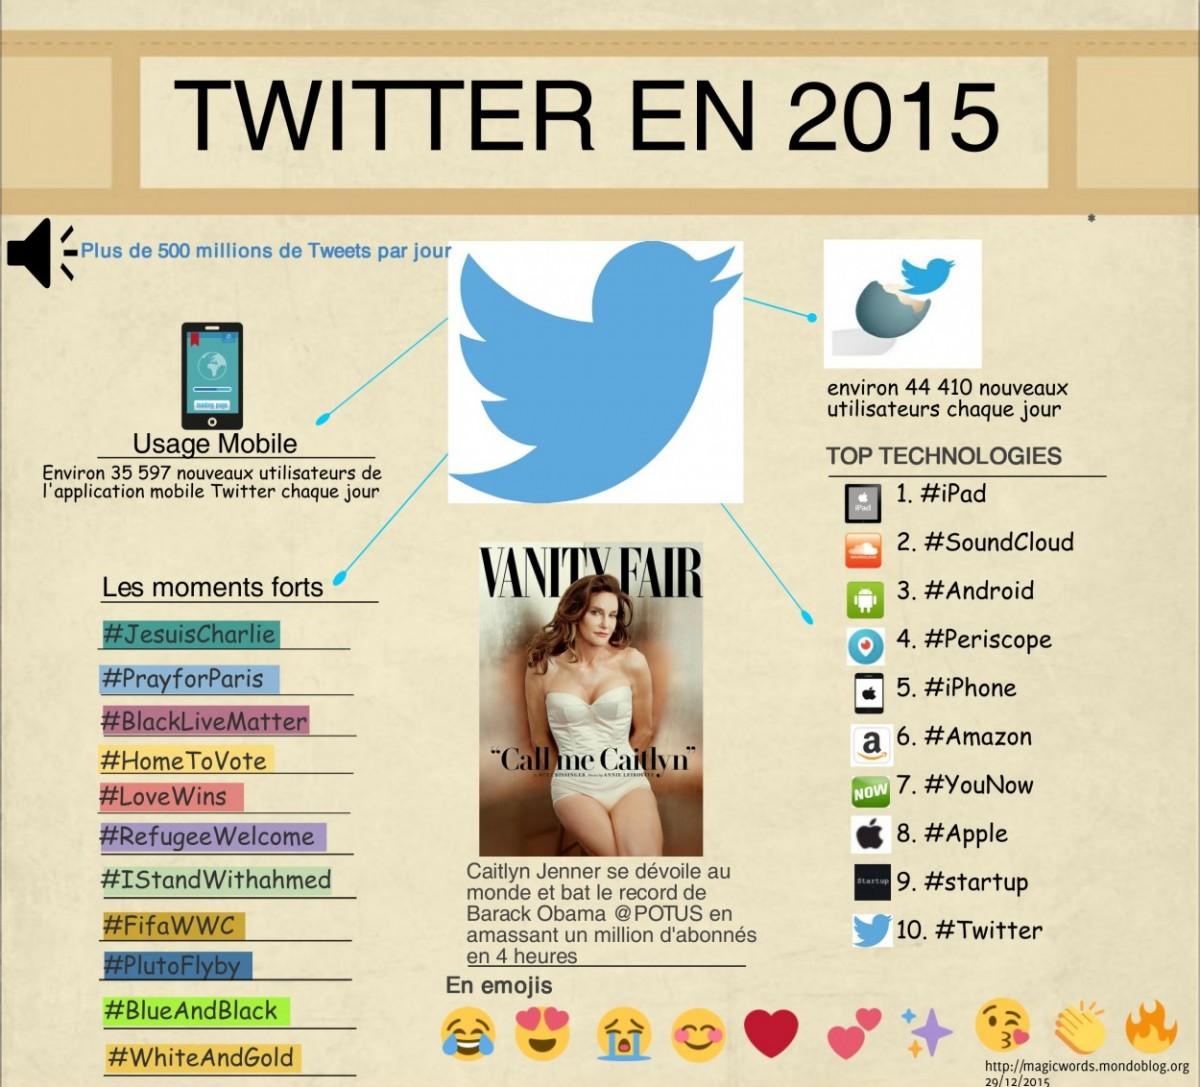 2015 vu sur Twitter